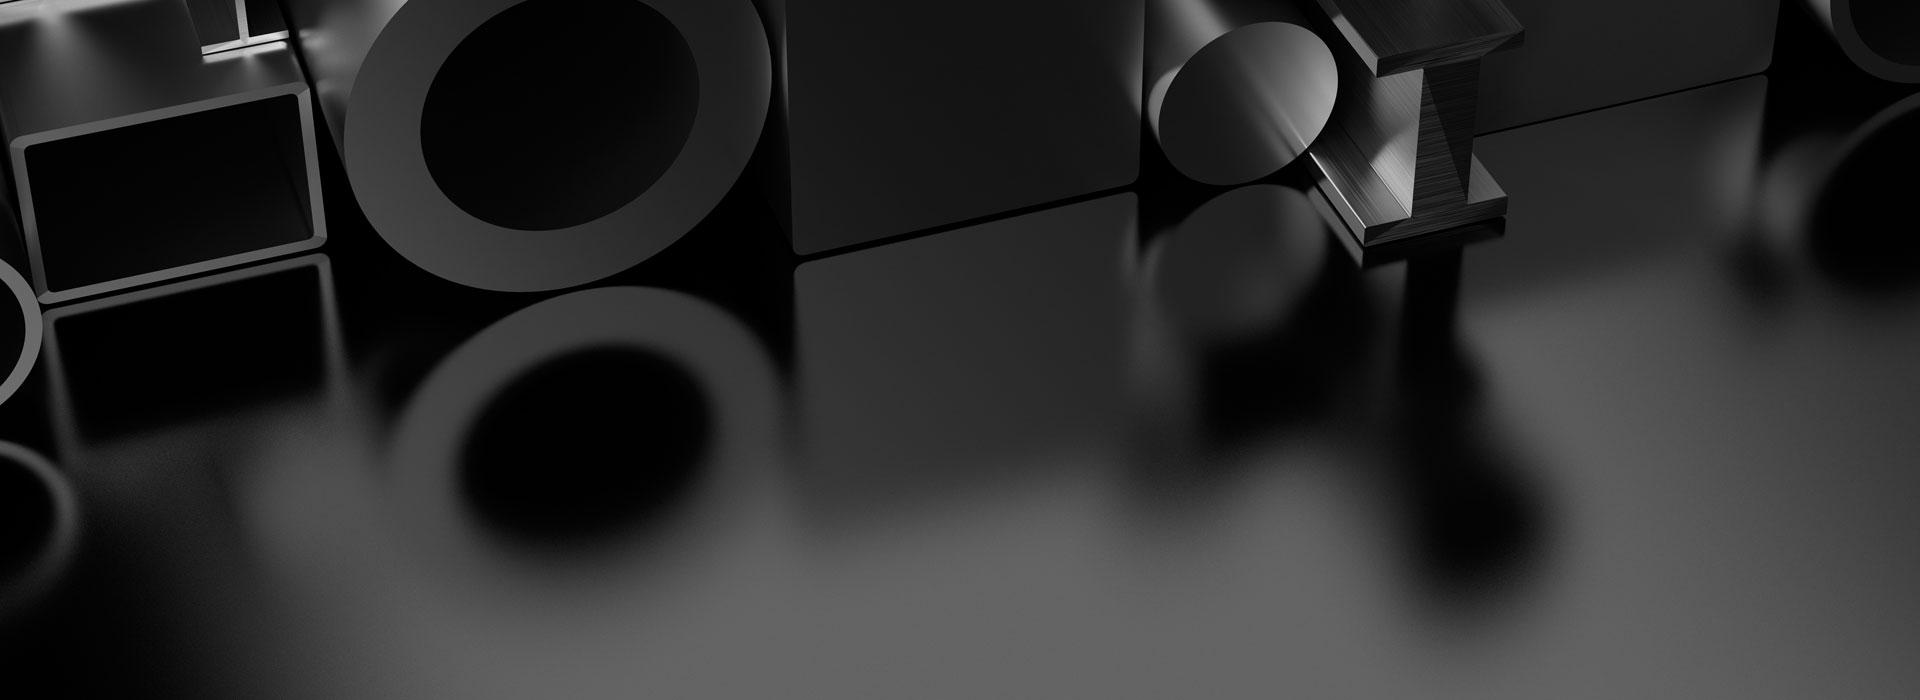 Prodotti-Acciaio-Vari-CilInox